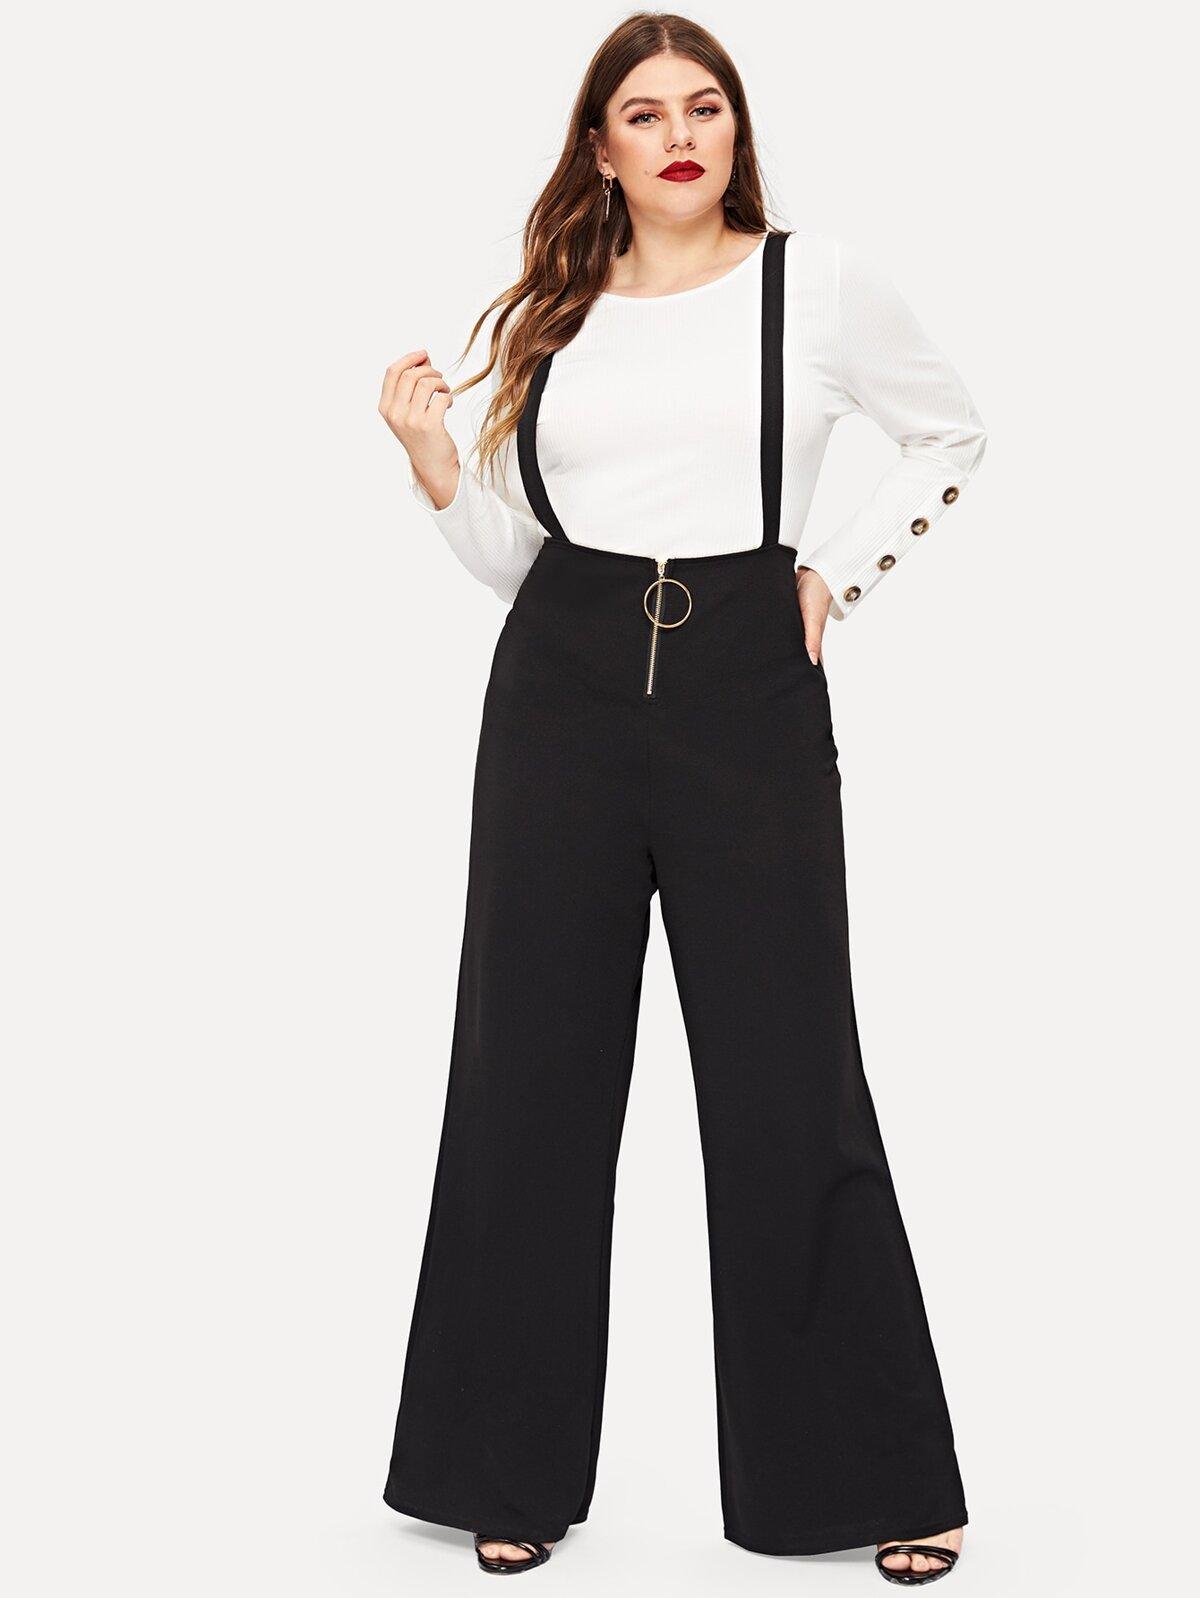 大尺碼 單色 前面拉鍊式 圍裙 褲